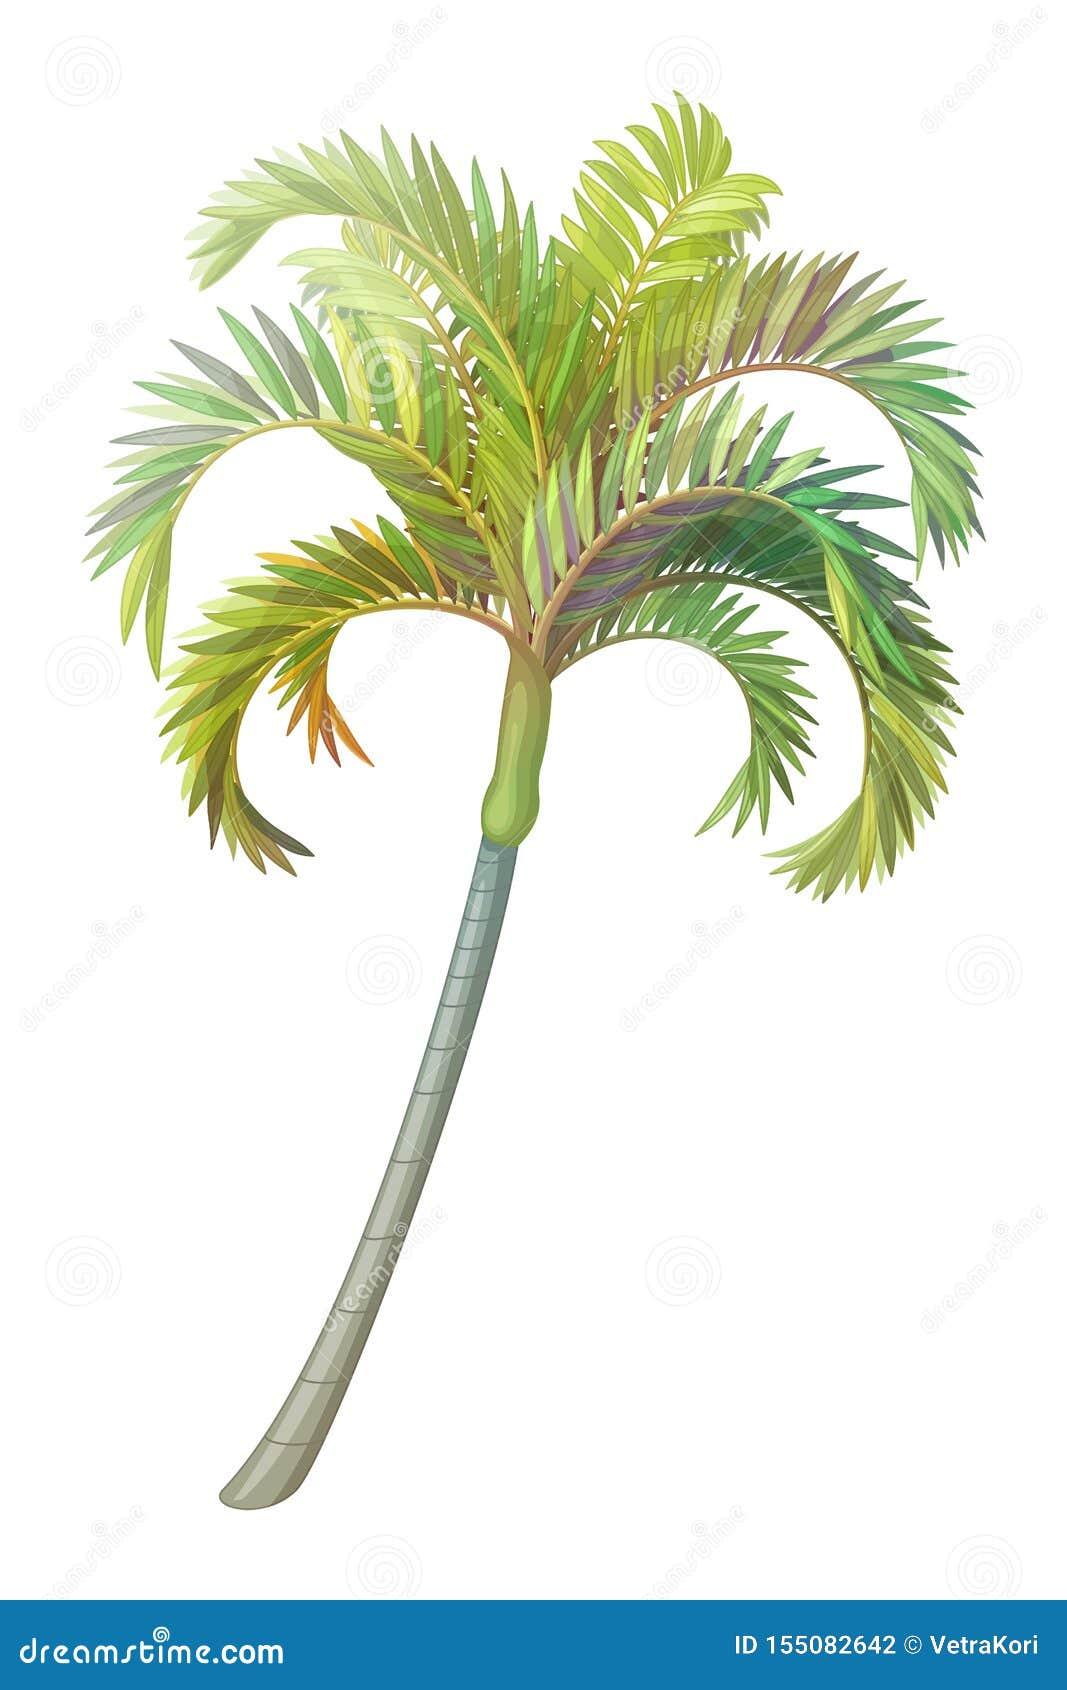 Vector handdrawn installatie clipart Palm